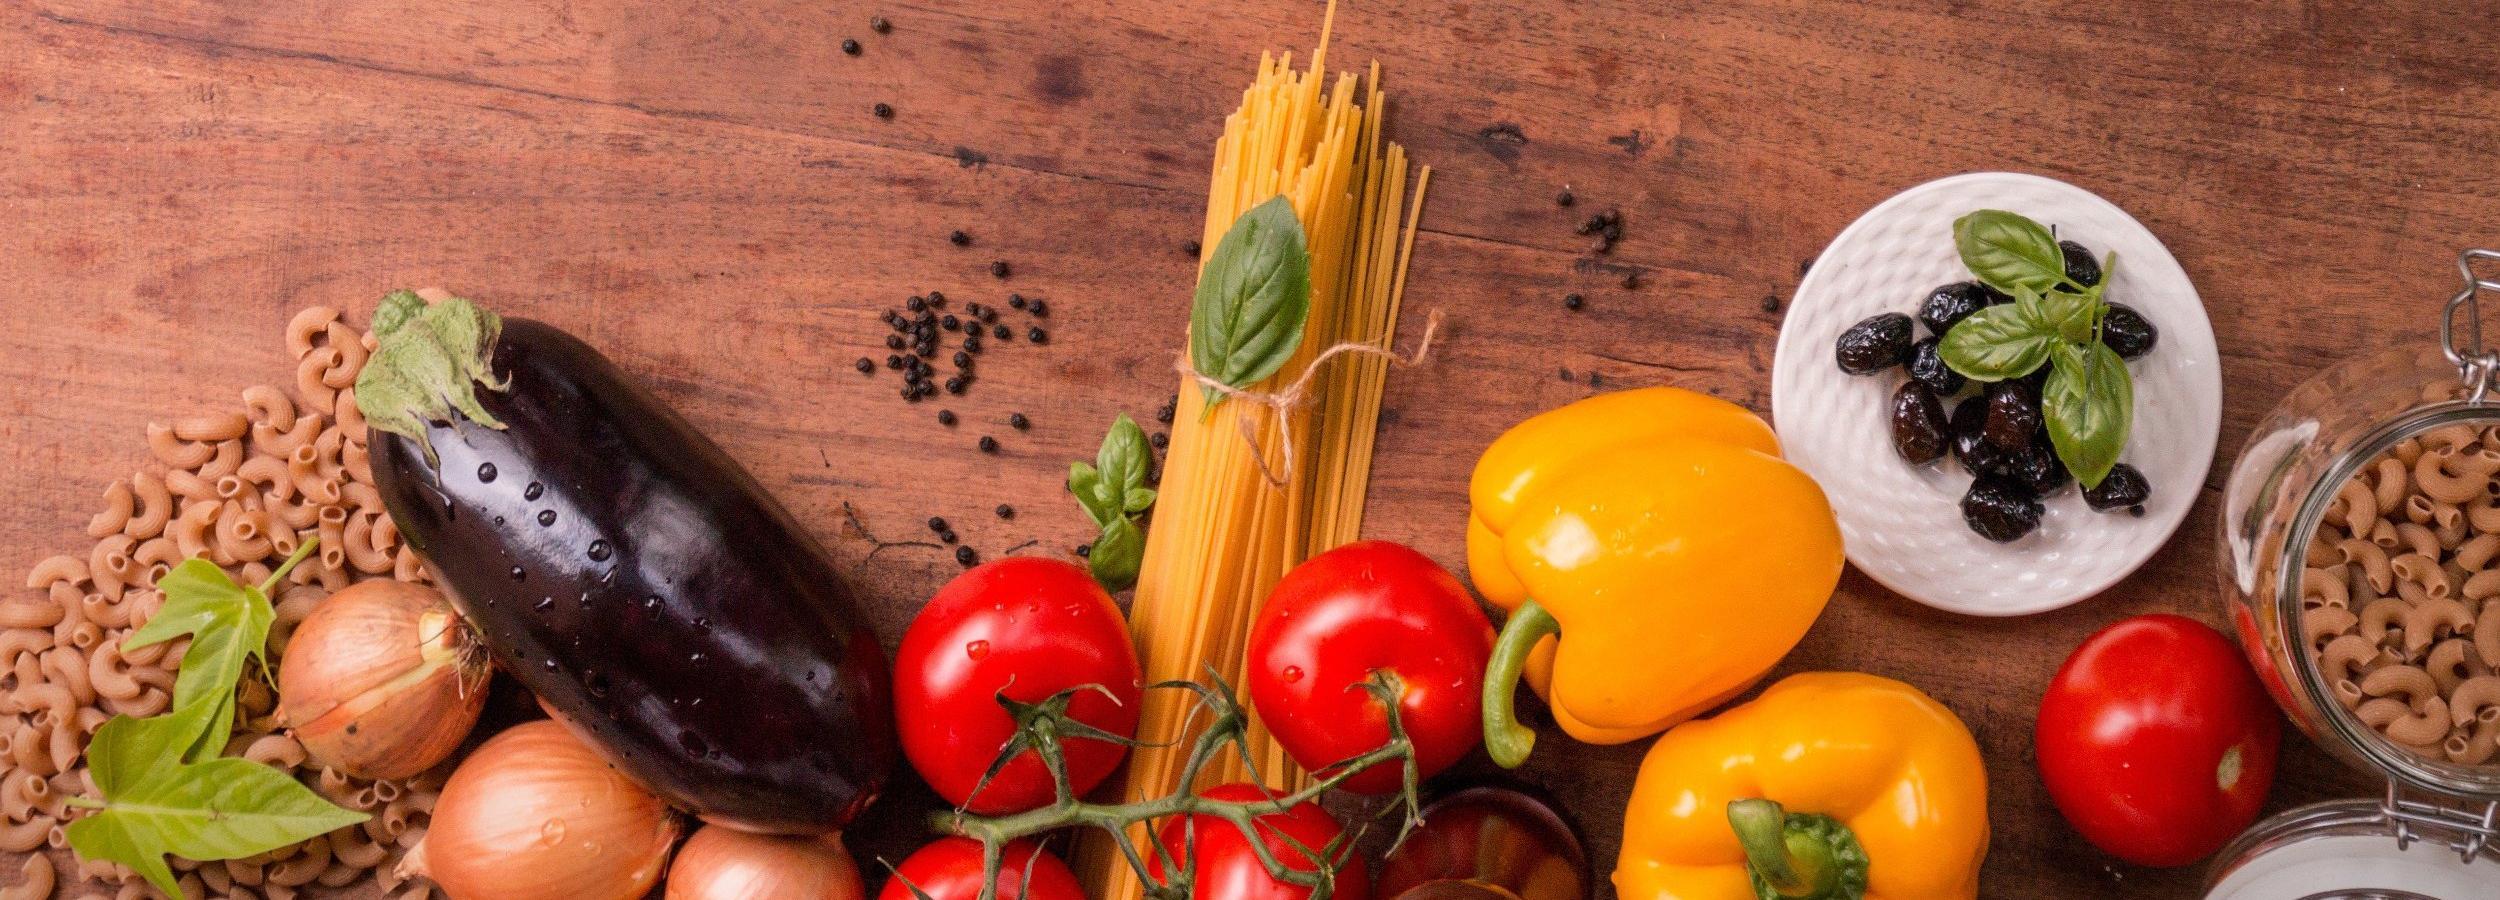 Die soogut-Märkte leisten einen wichtigen Beitrag dazu, dass Lebensmittel nicht weggeworfen werden.